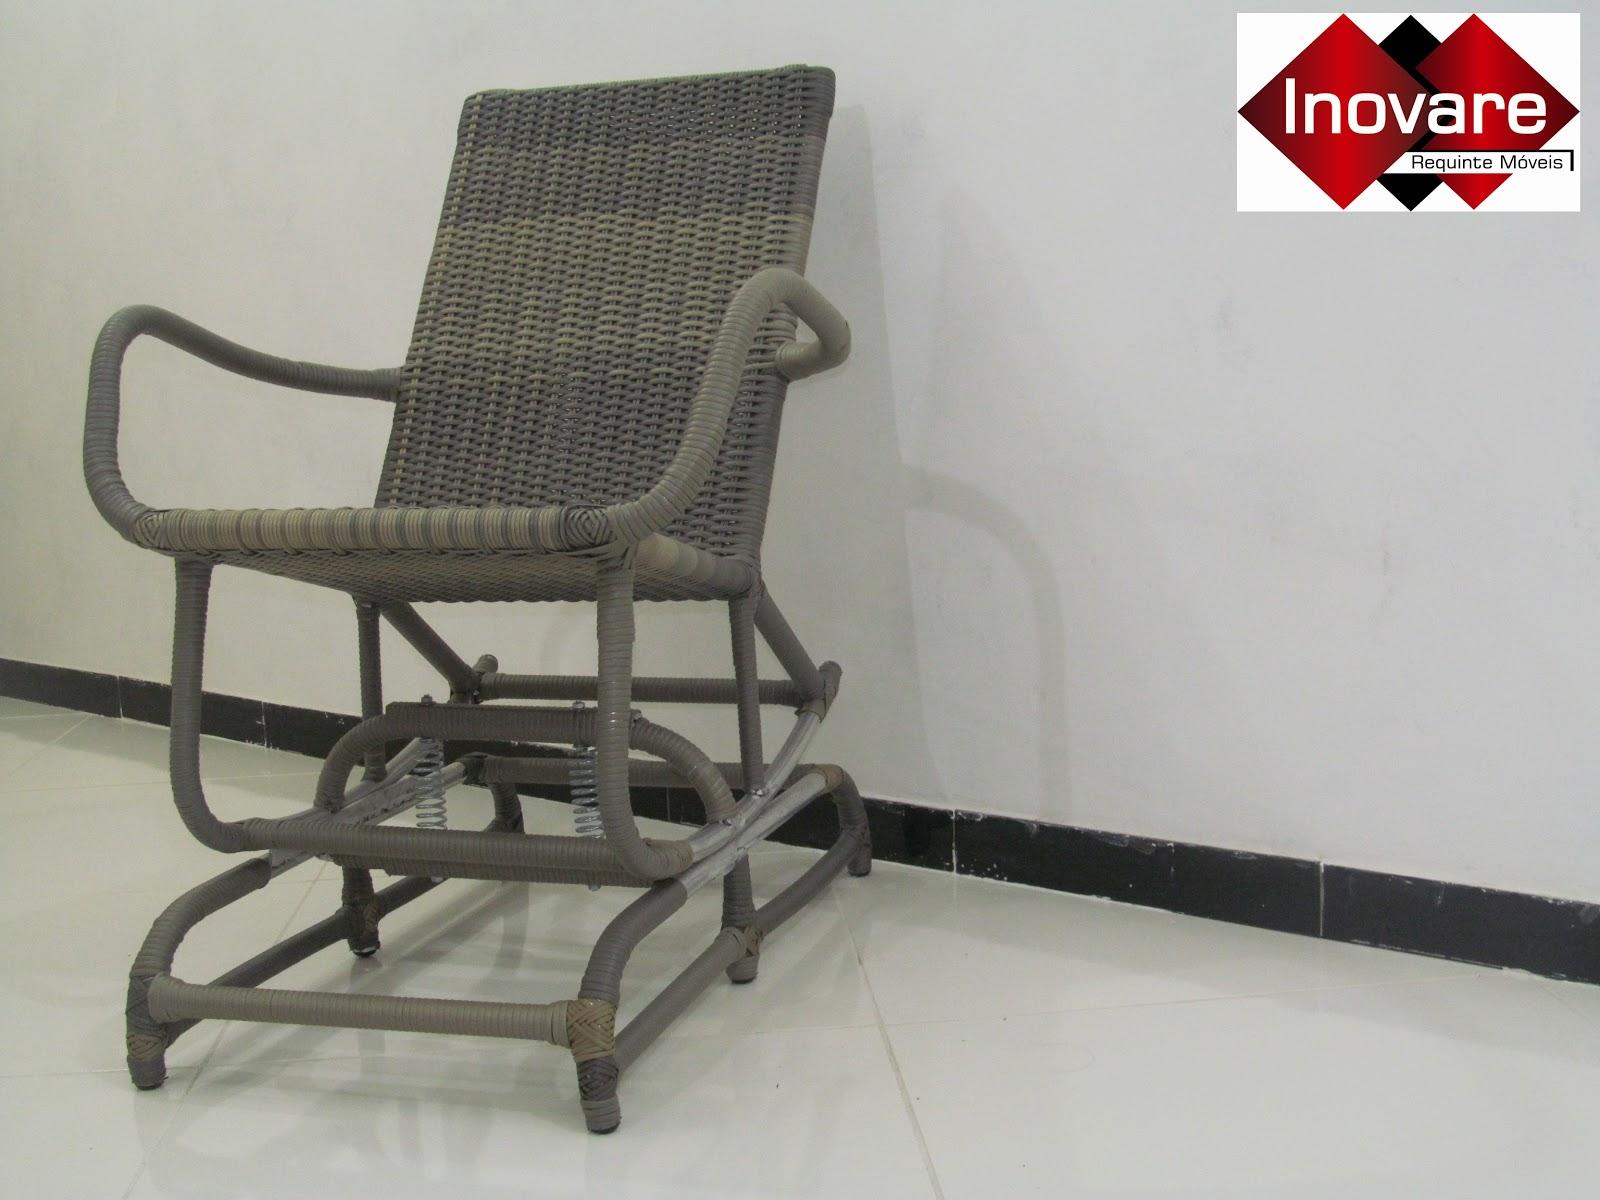 Inovare Requinte Móveis : Cadeira de Balanço em Fibra Sintética #BD080F 1600x1200